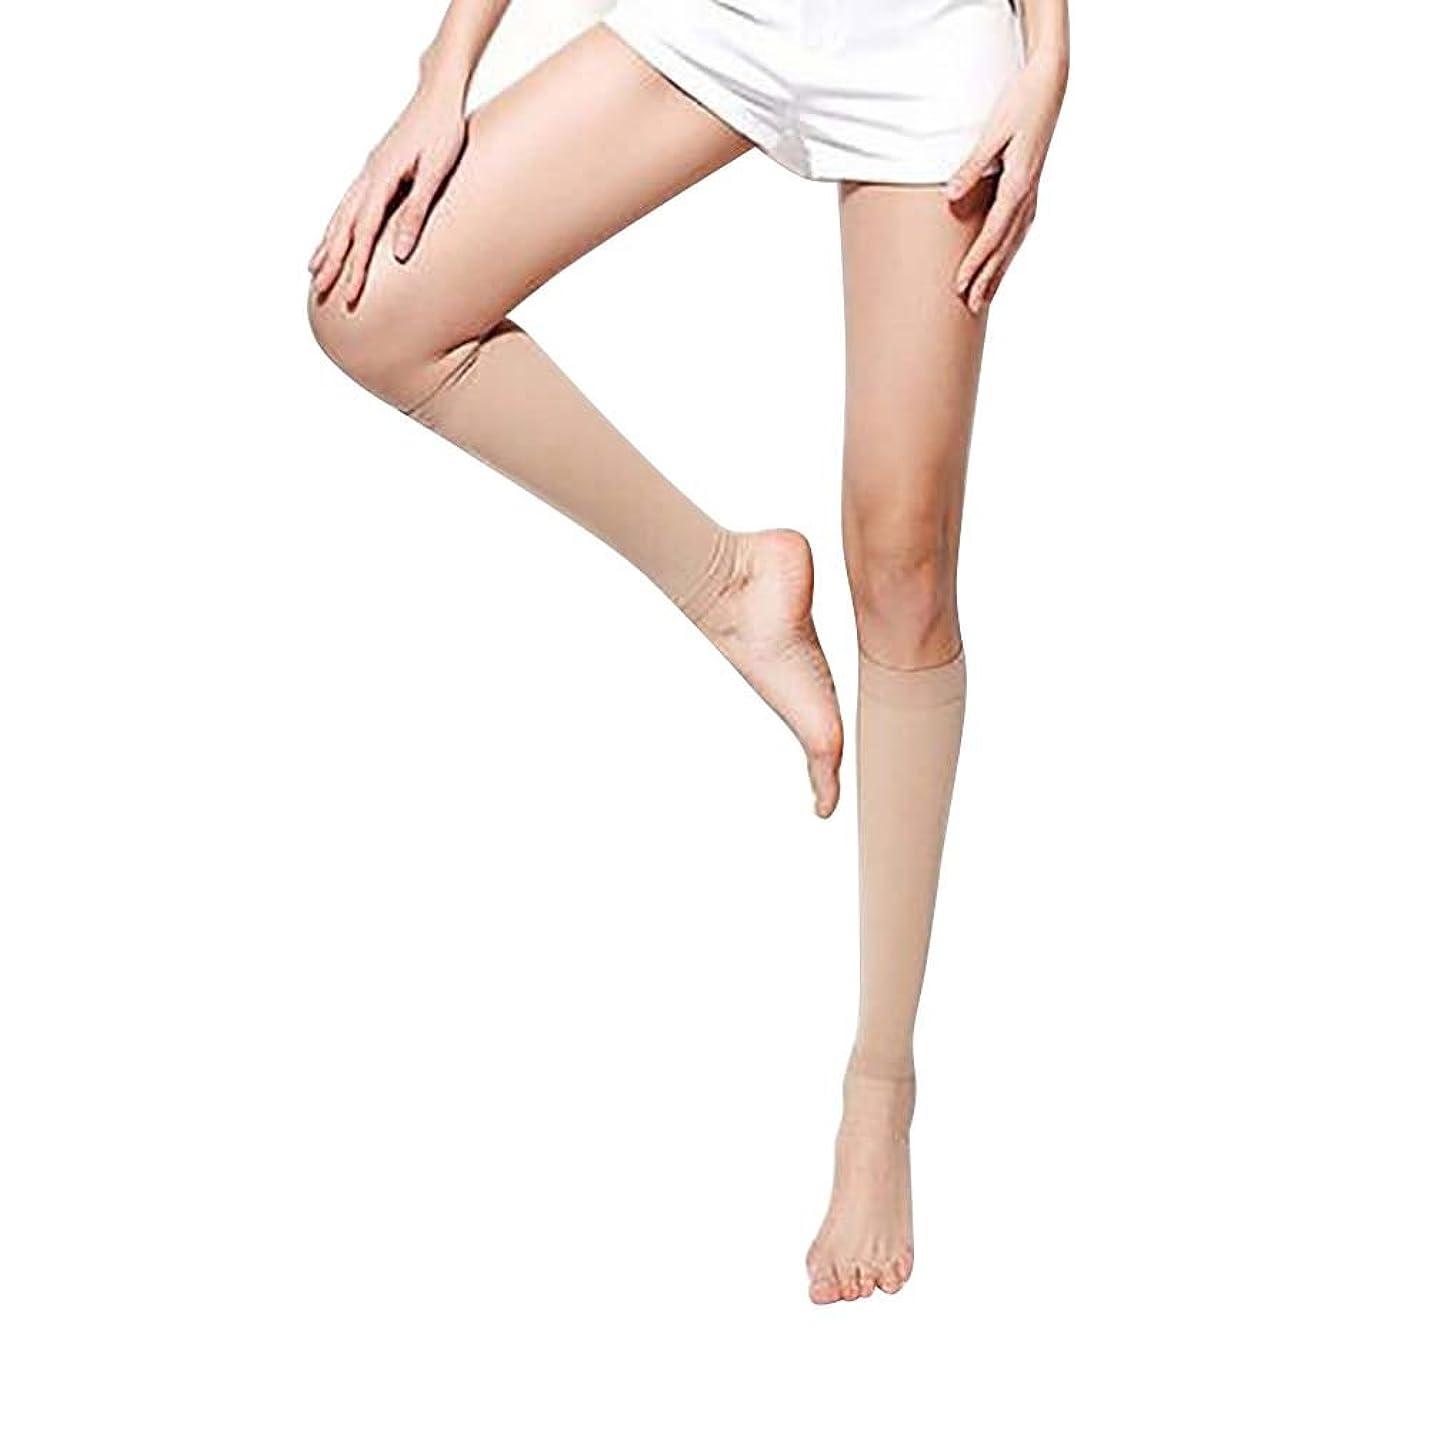 欠乏サワー率直なkasit 美脚ふくらはぎソックス 着圧ソックス 脂肪燃焼で脛ほっそり ショート